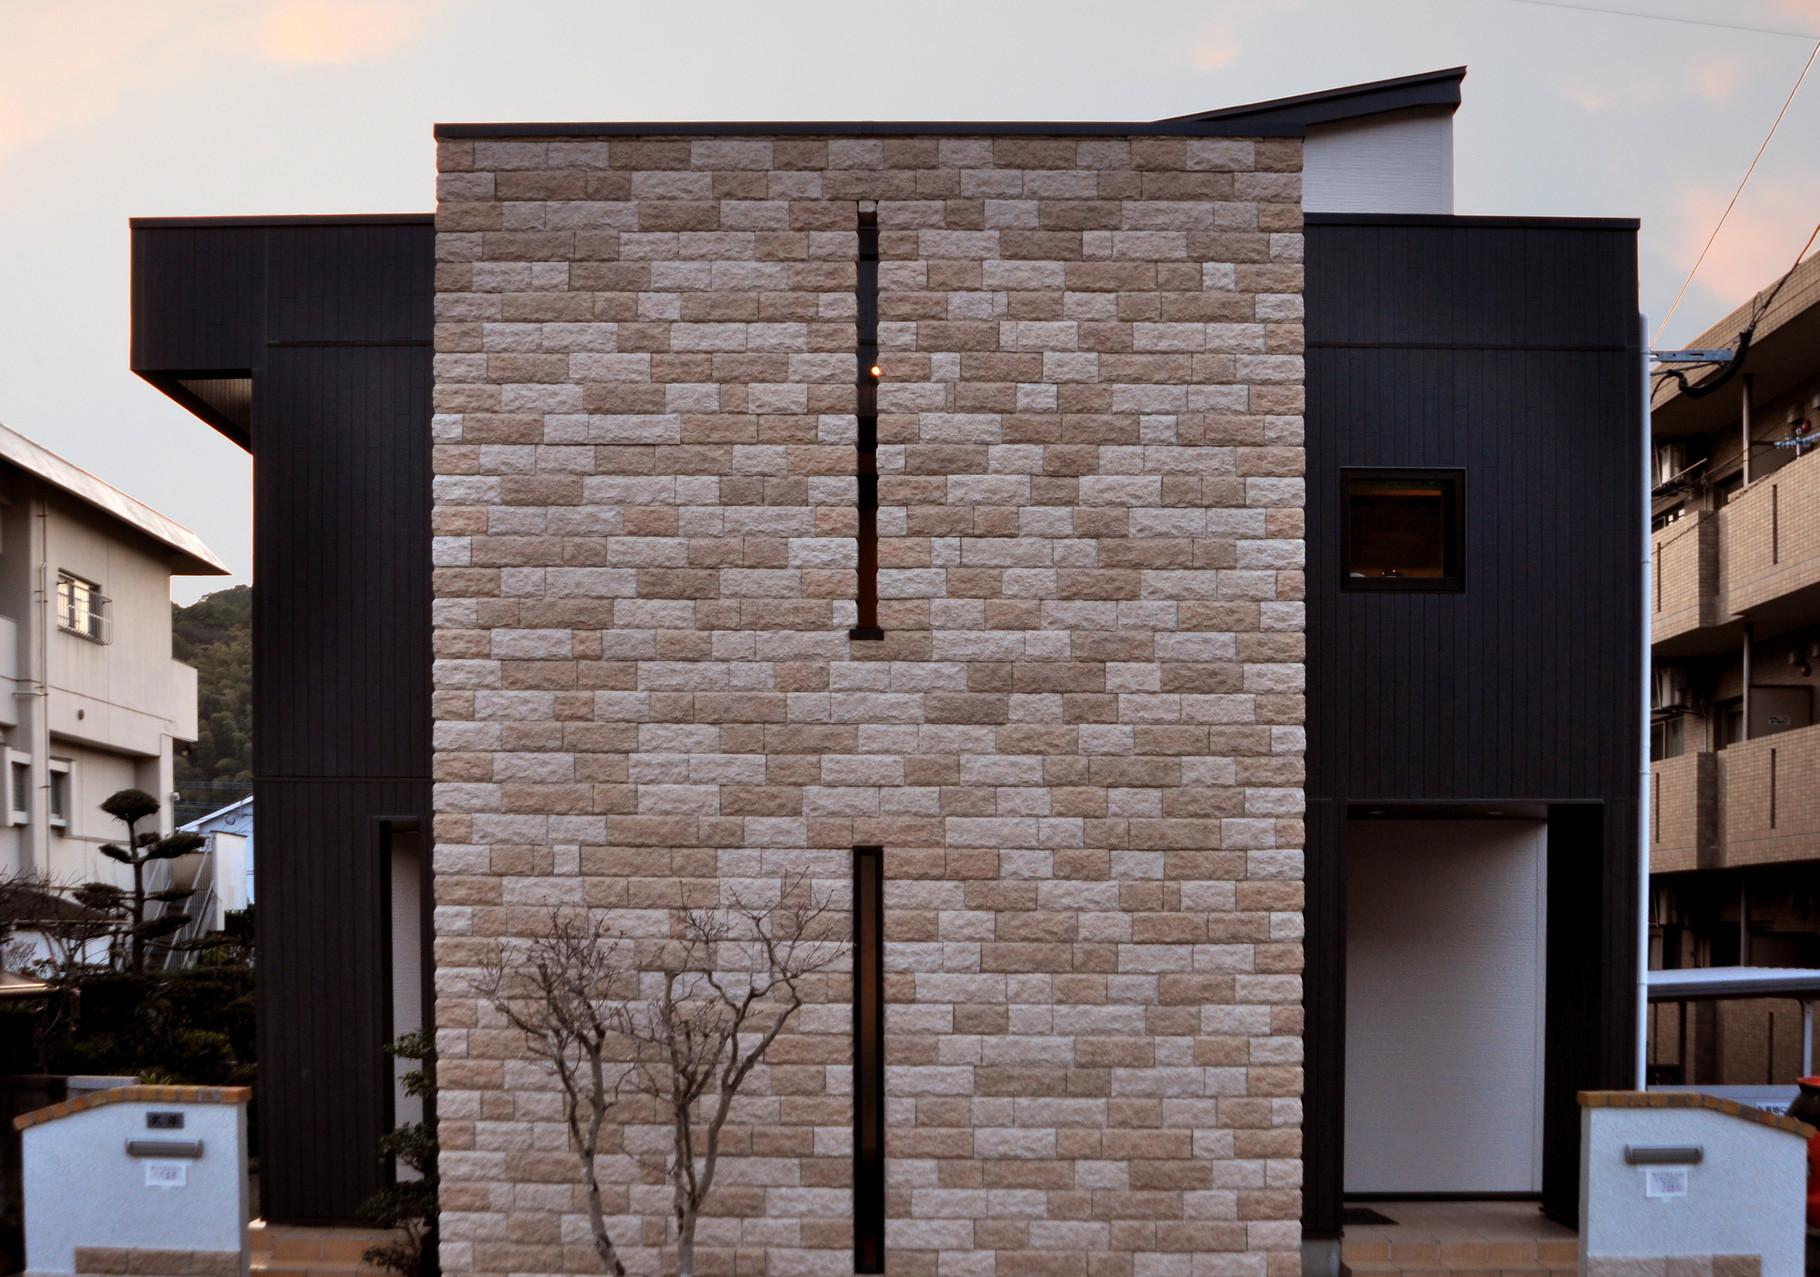 K邸:遮熱6面体(屋根・壁・床)施工